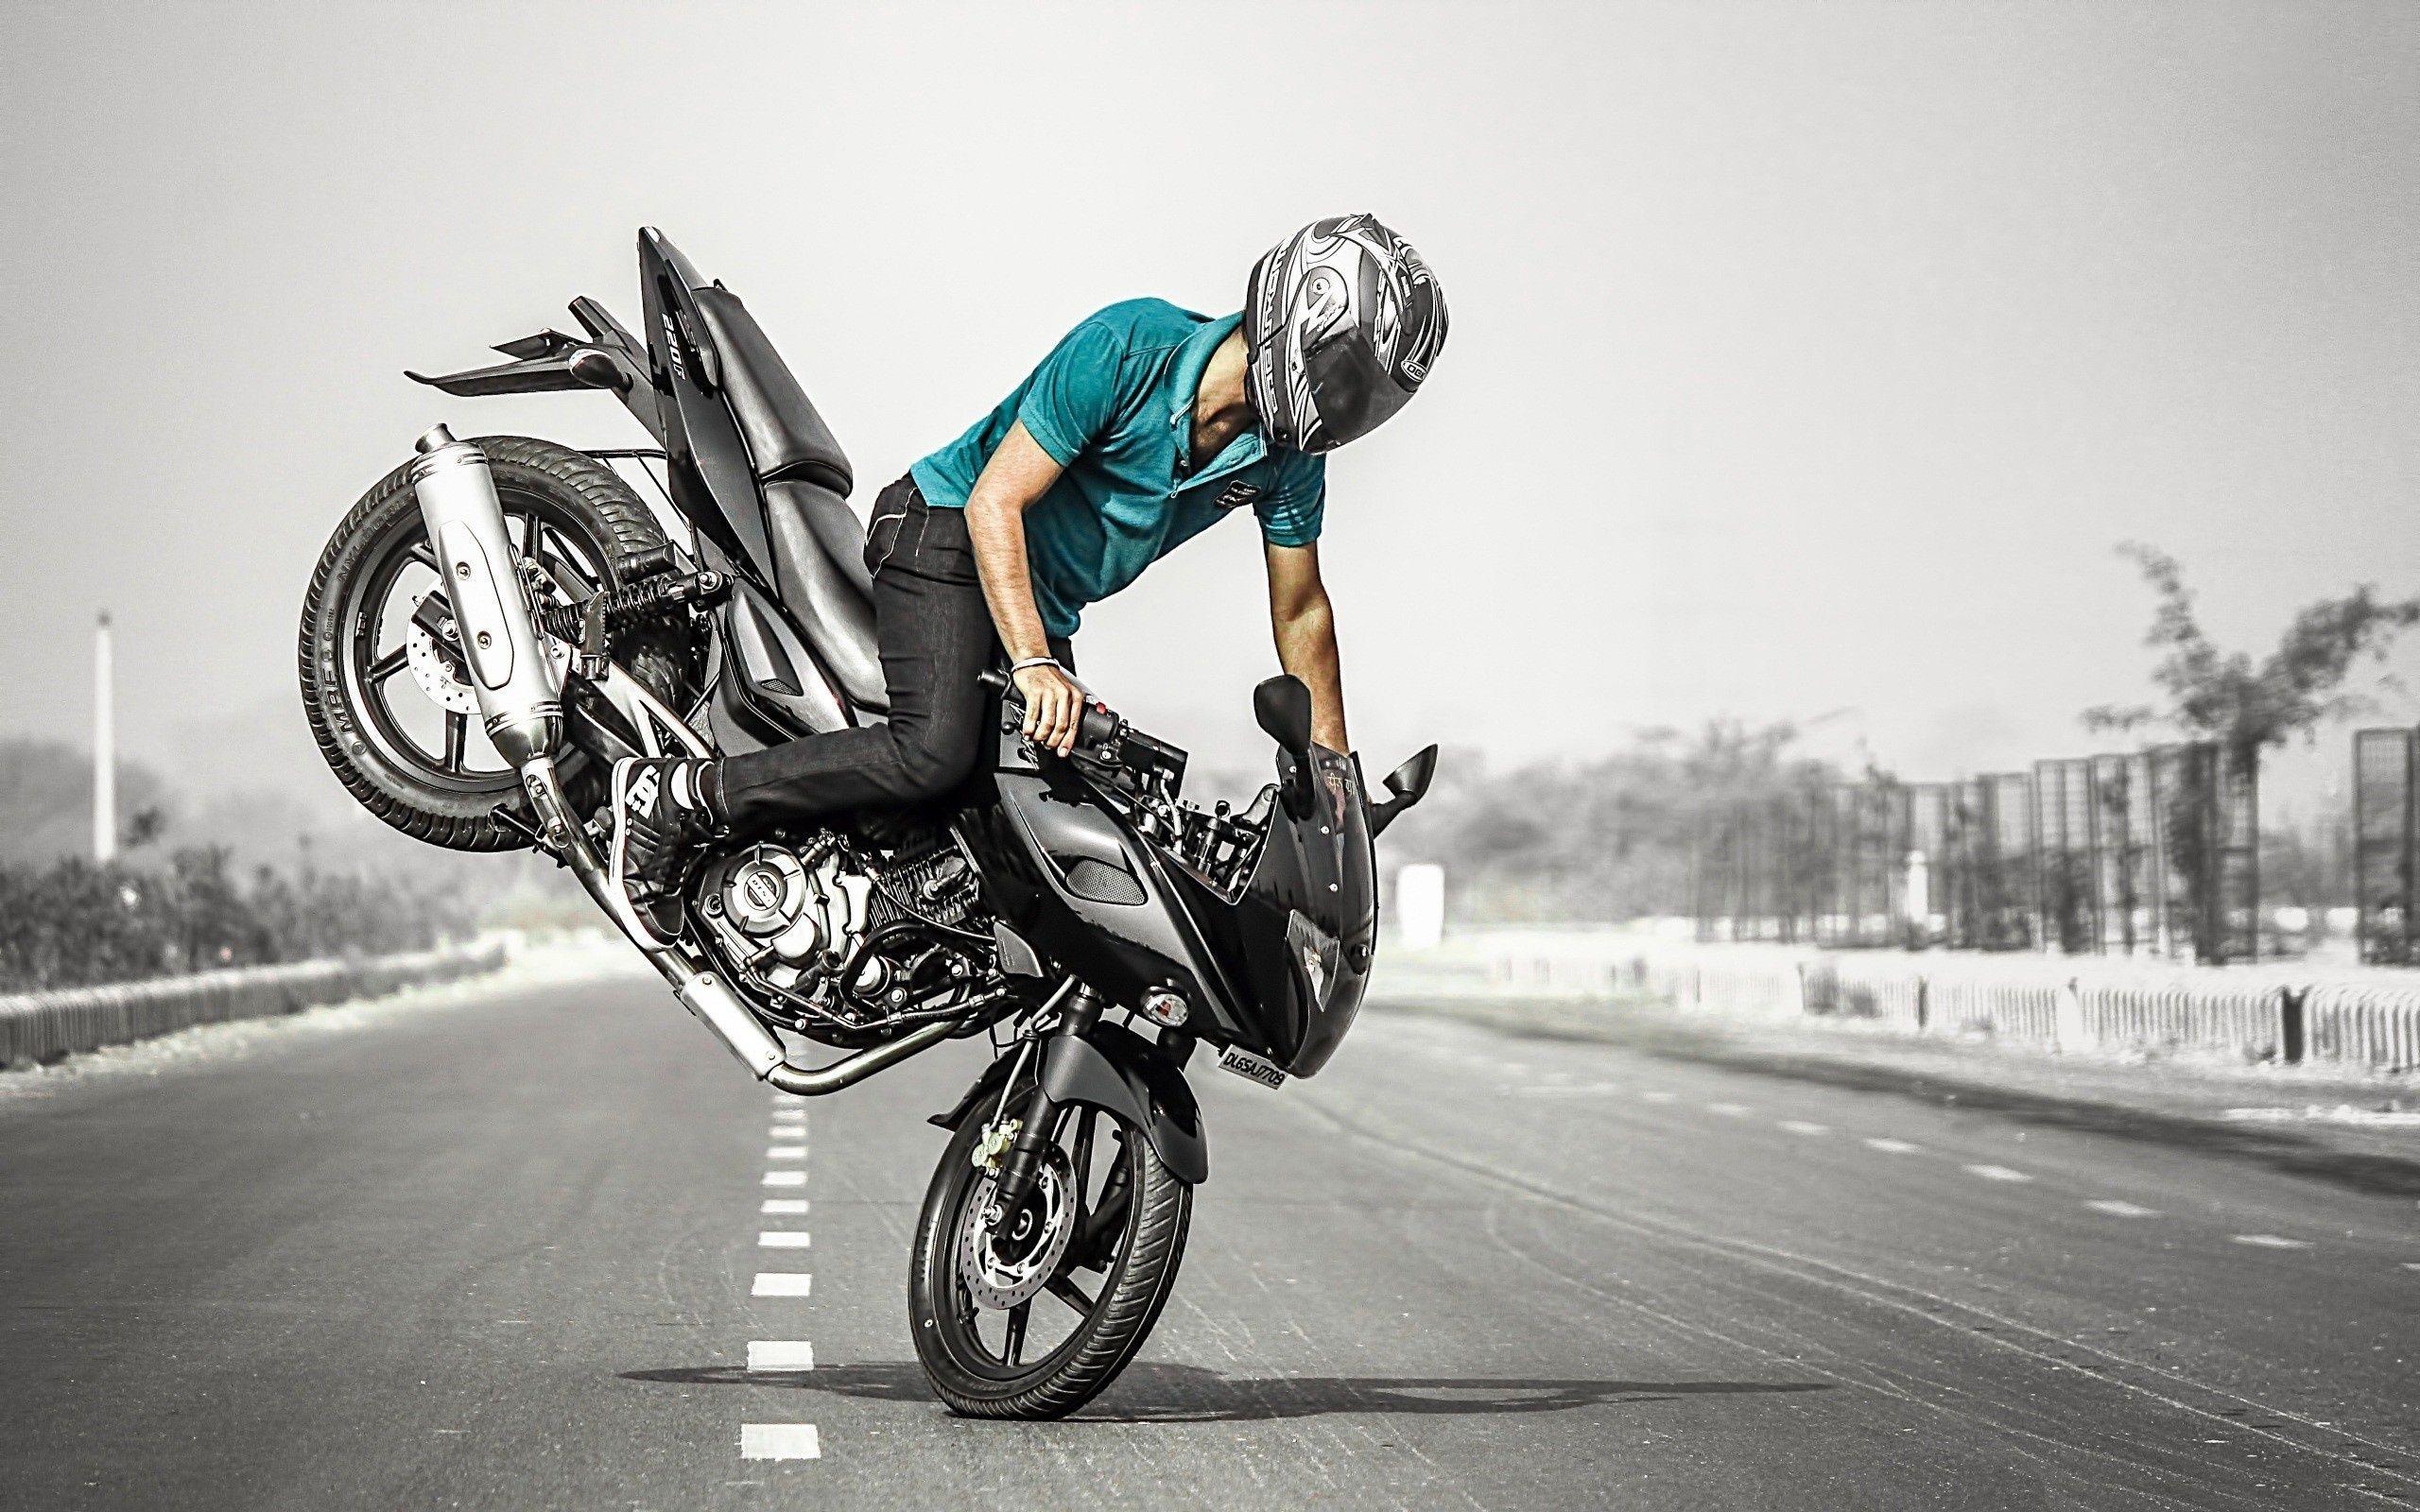 Motorcycle Drifting 2560 1600 Stunt Bike Bike Race Poster Bike Pic